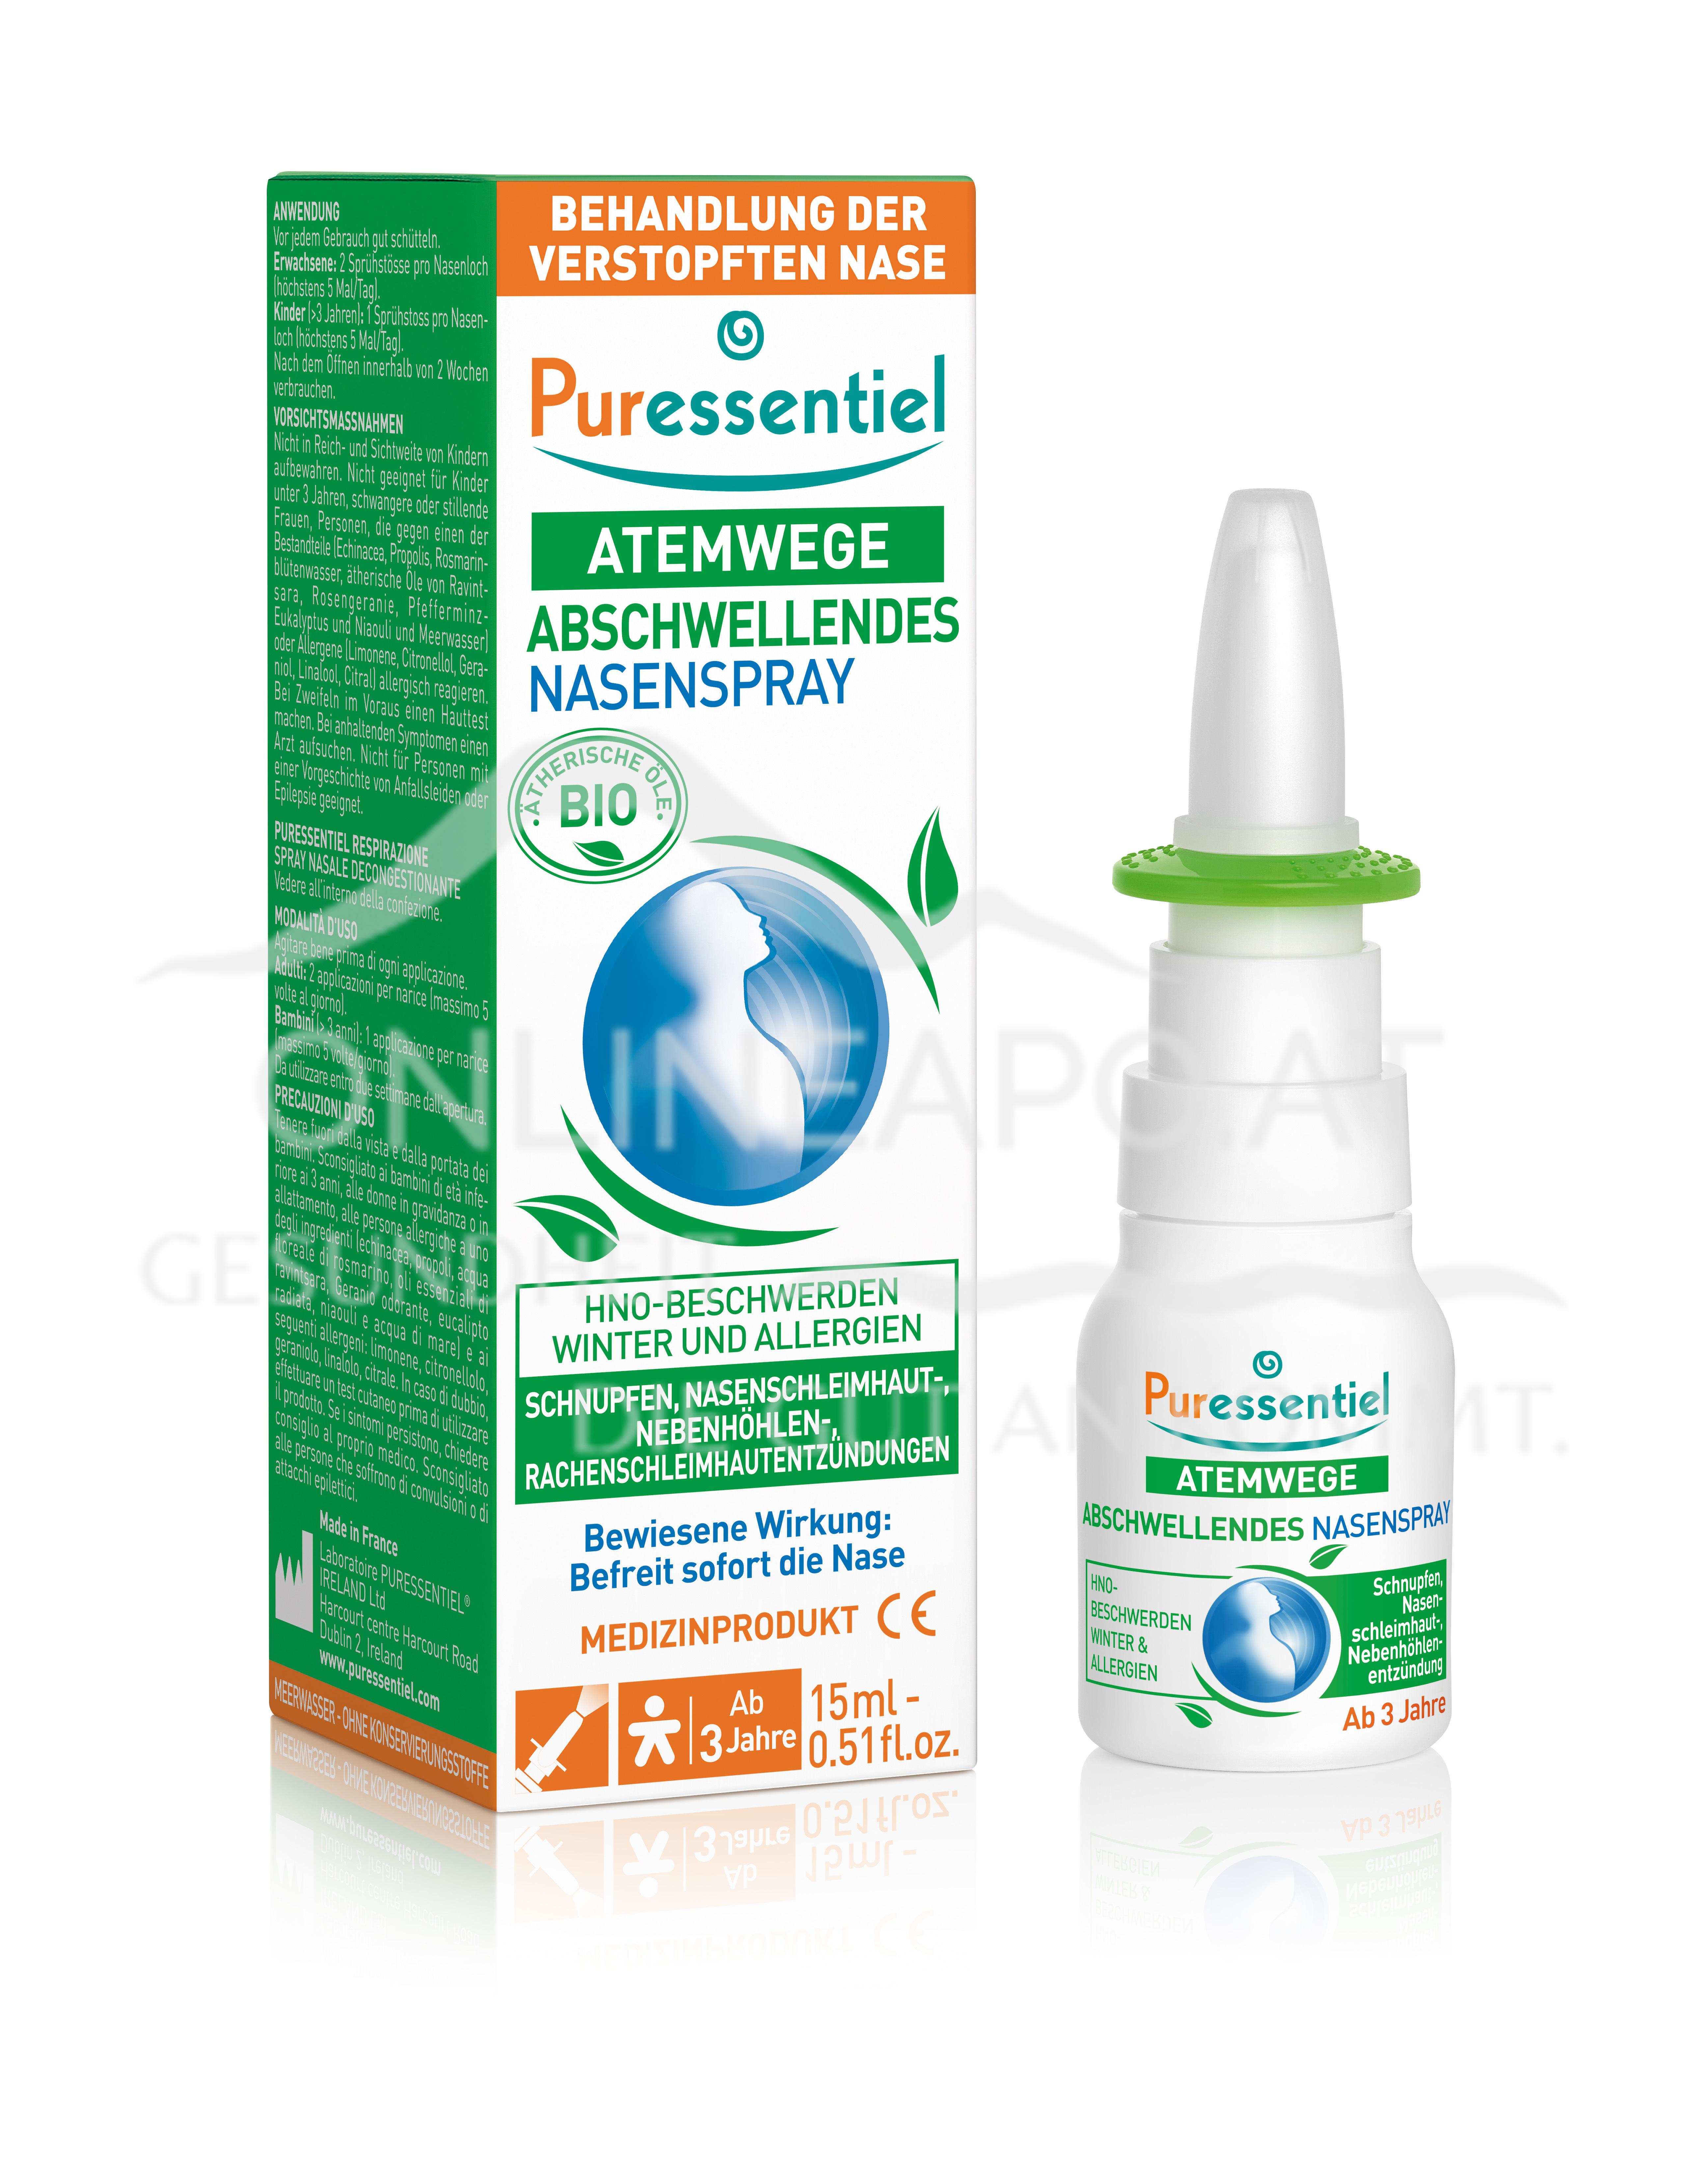 Puressentiel Atemwege Abschwellendes Nasenspray